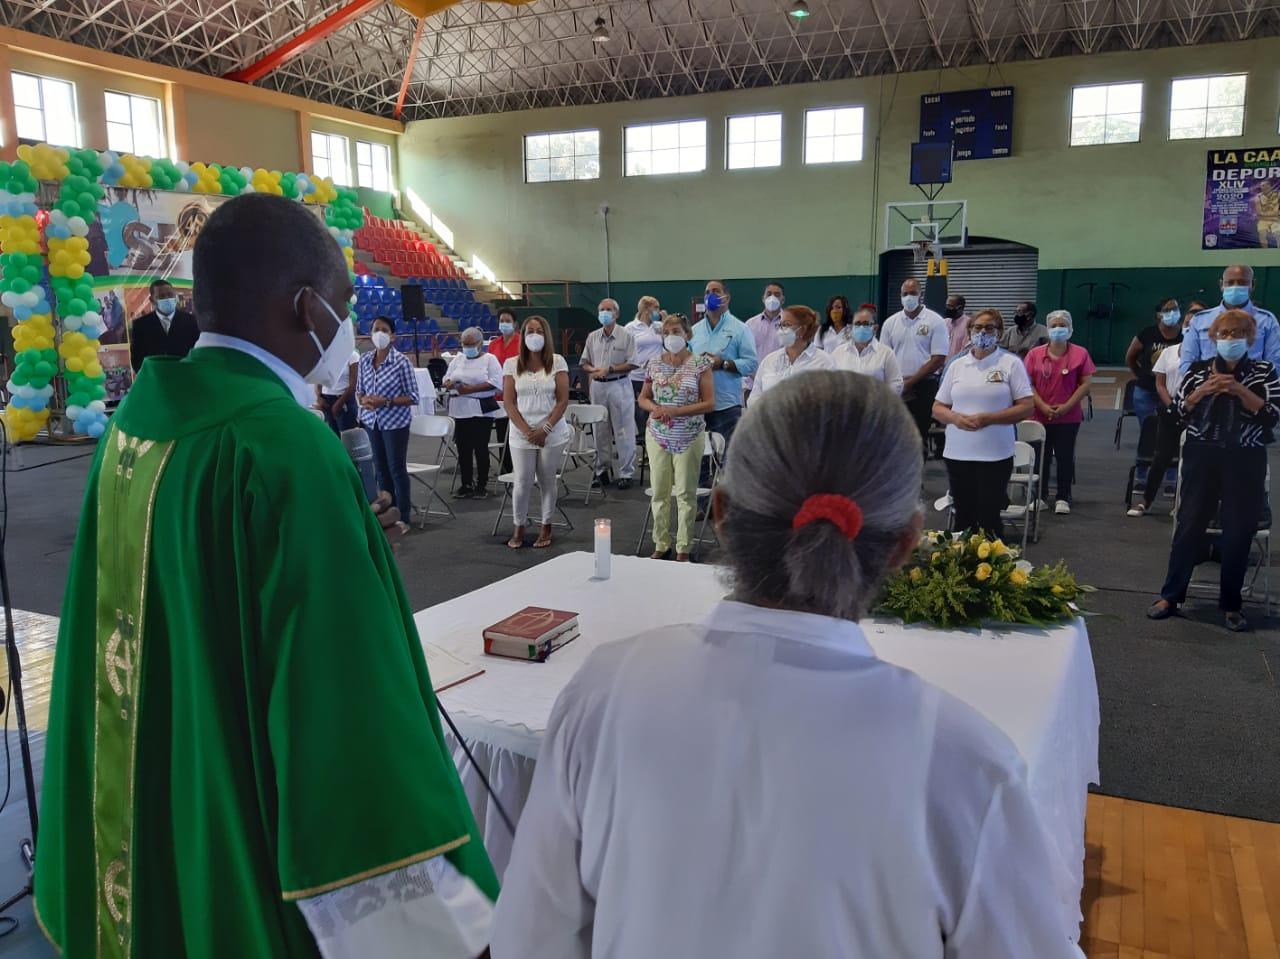 Club San Carlos celebra su 48 aniversario con misa, desfile y una ofrenda floral